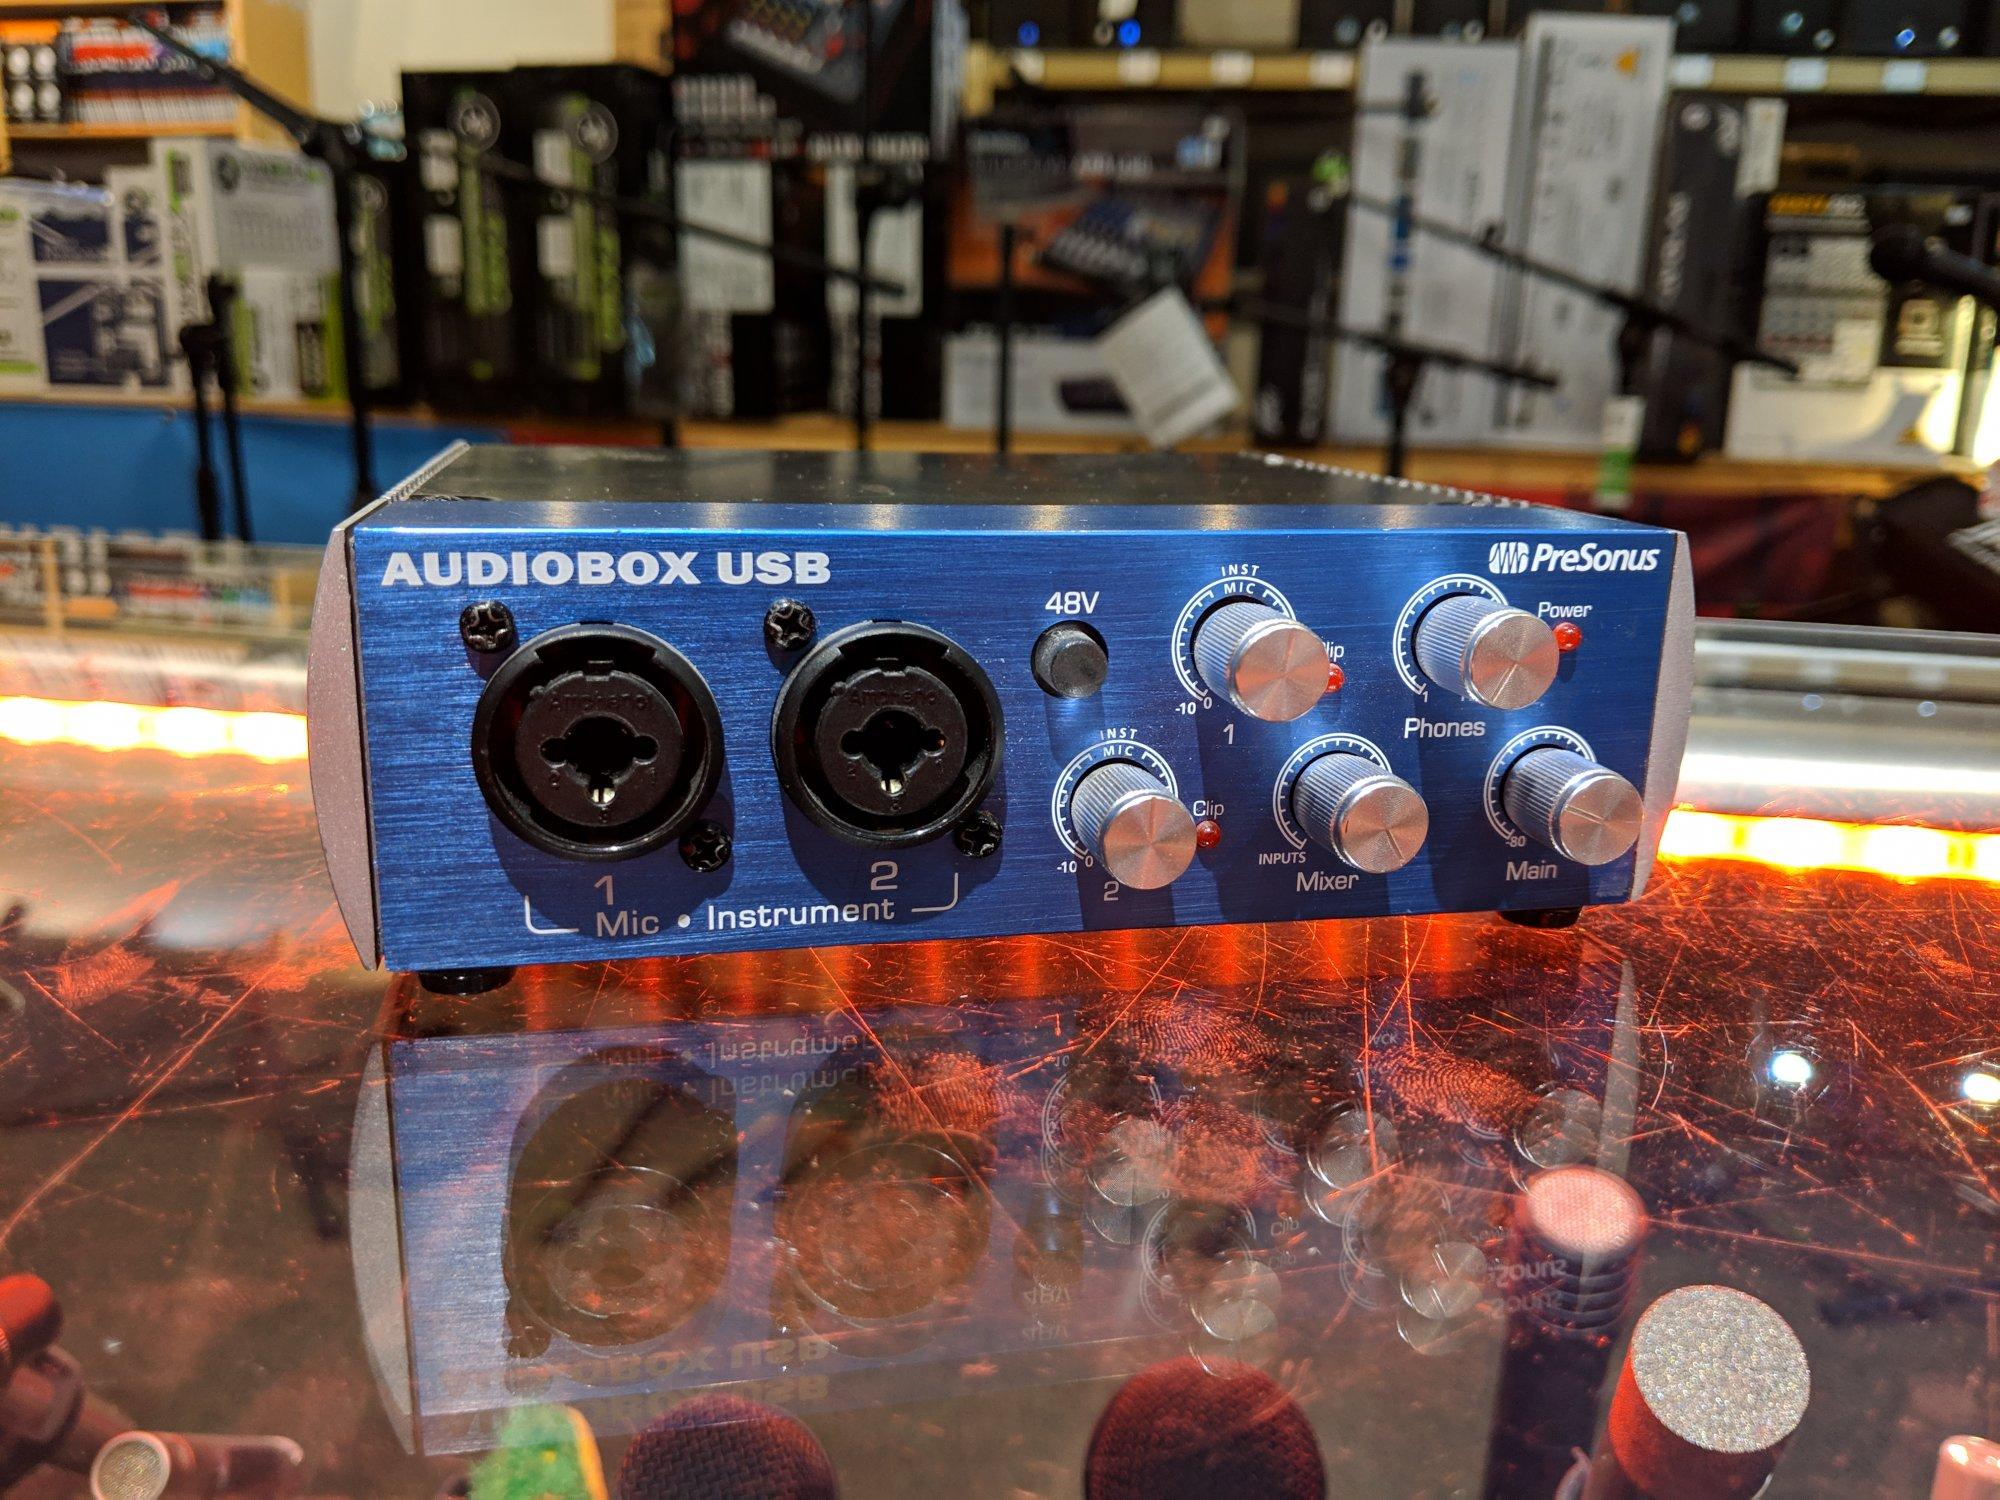 Presonus Audiobox USB (USED)